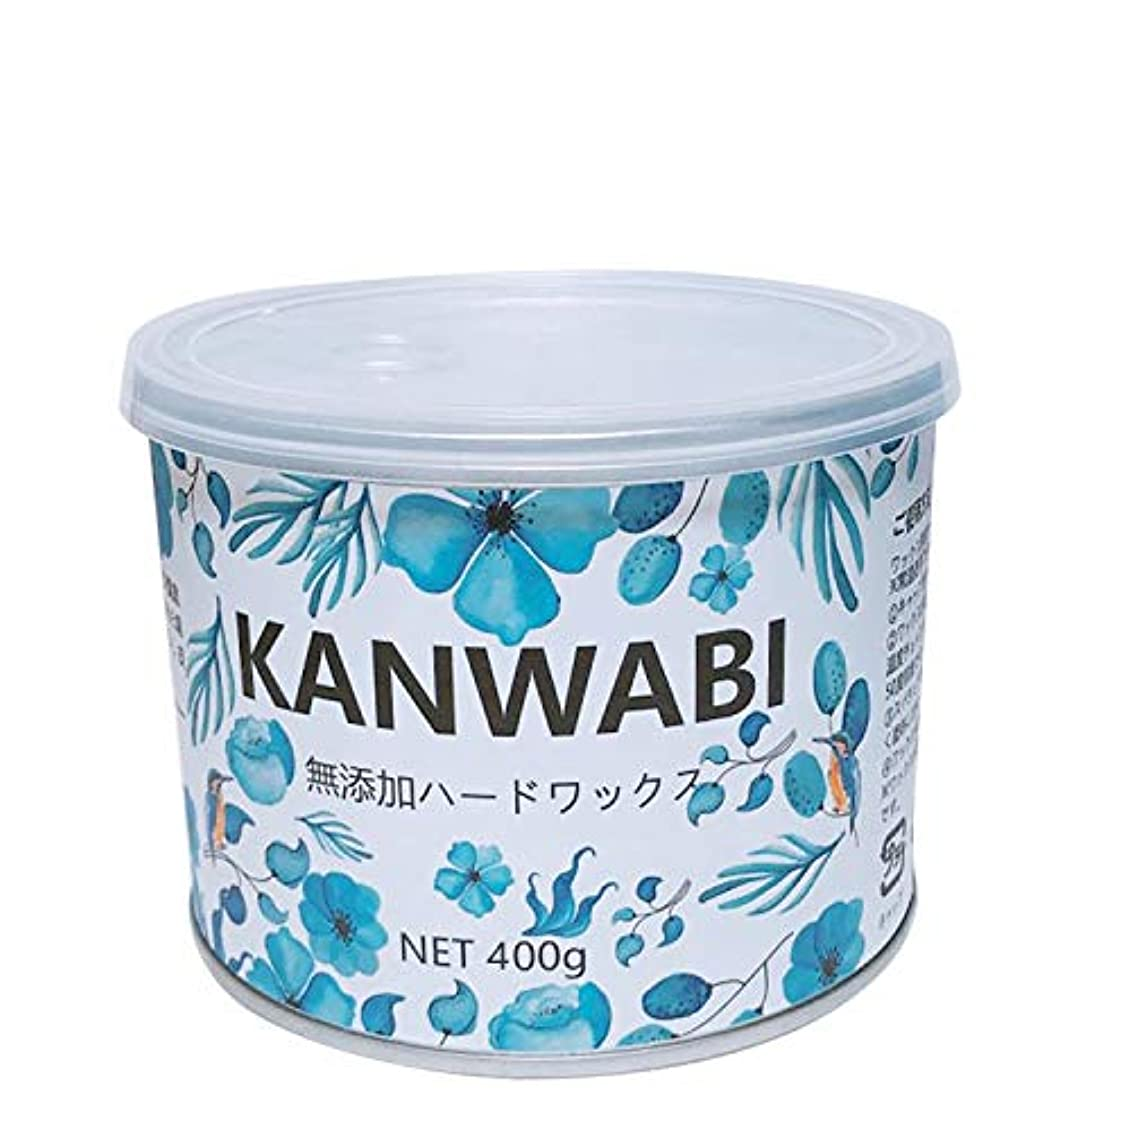 不条理特定の見てKANWABI 日本製脱毛ワックス ハードワックス400g